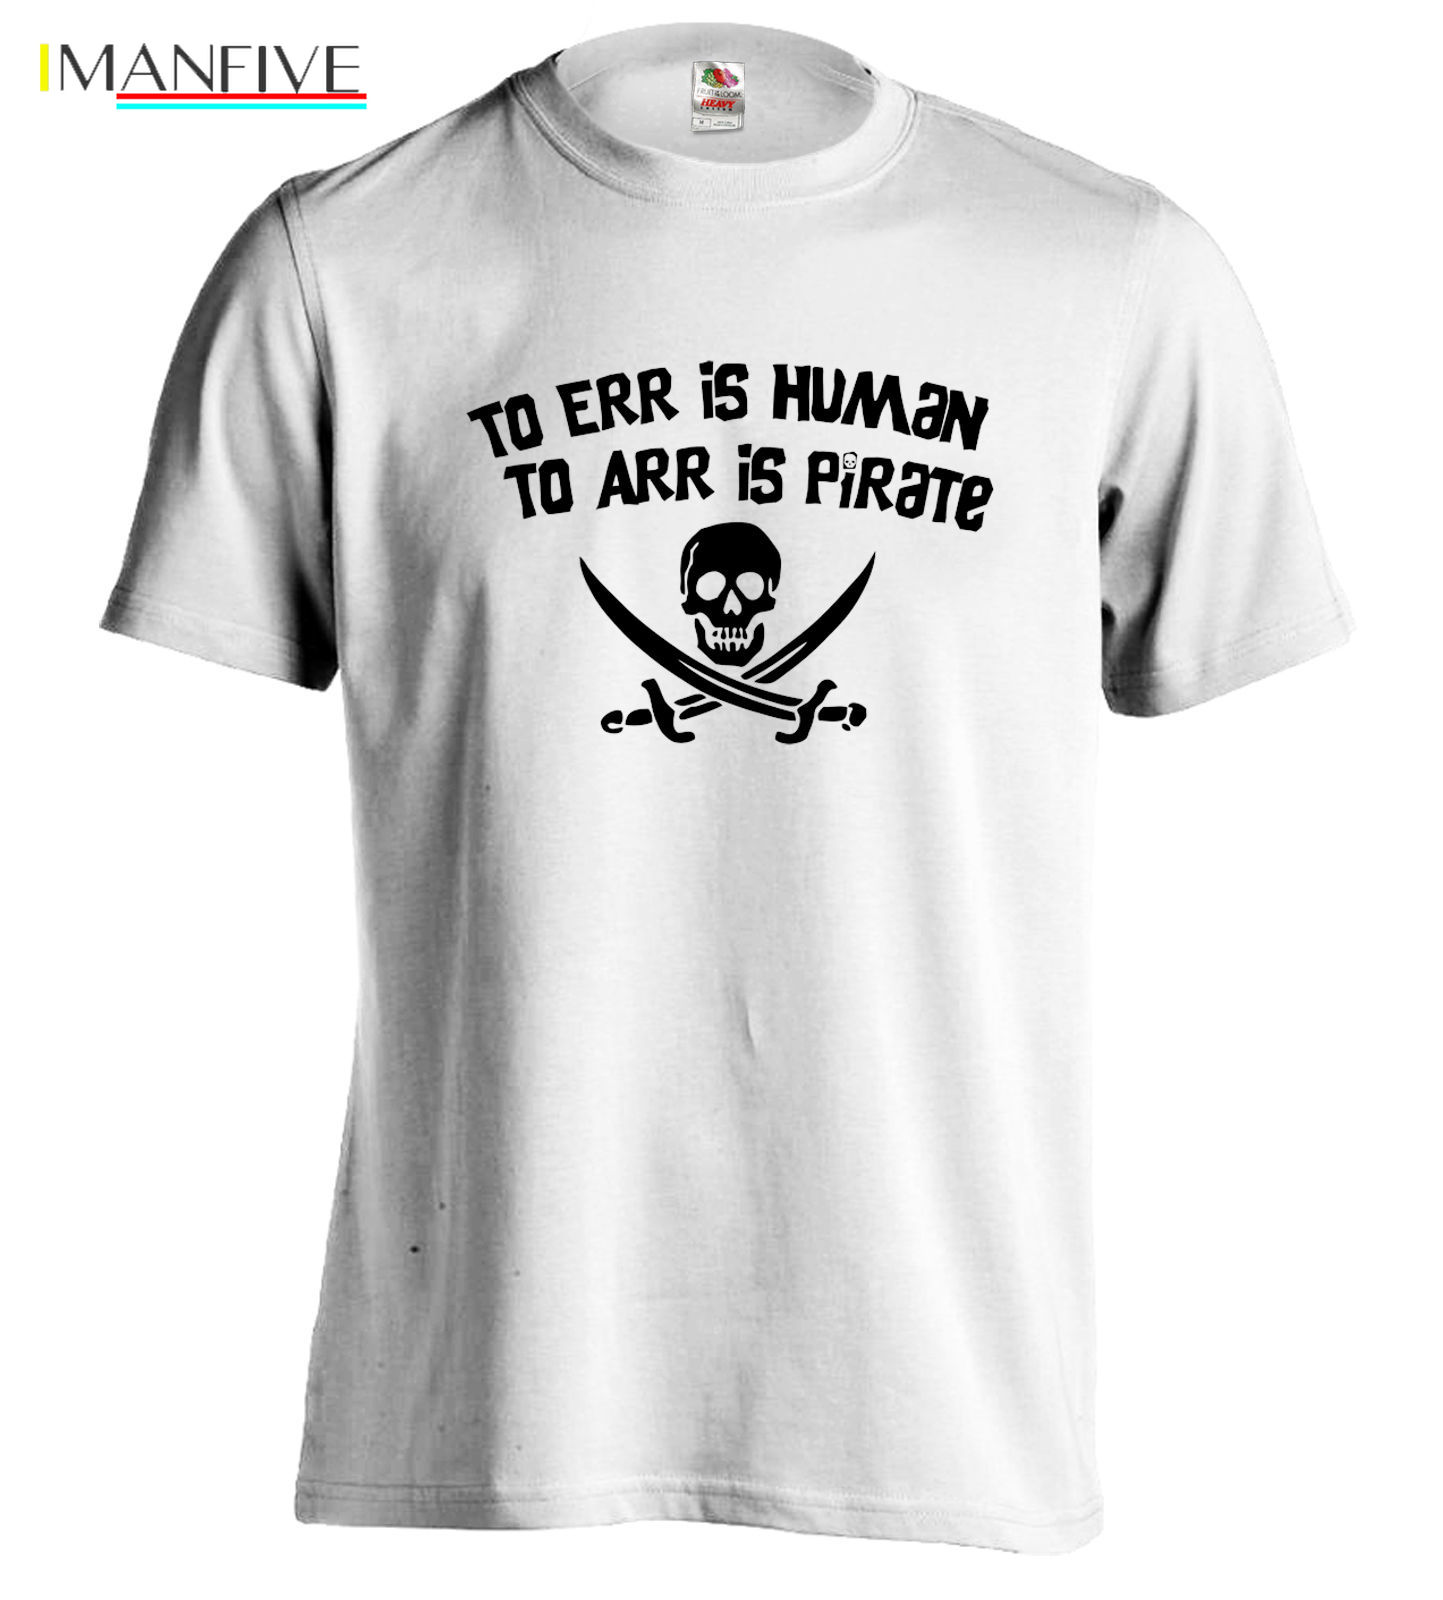 Pirate Tee Skull Crossbones T-Shirt Jolly Roger Tshirt Swords Funny T ARR ERR